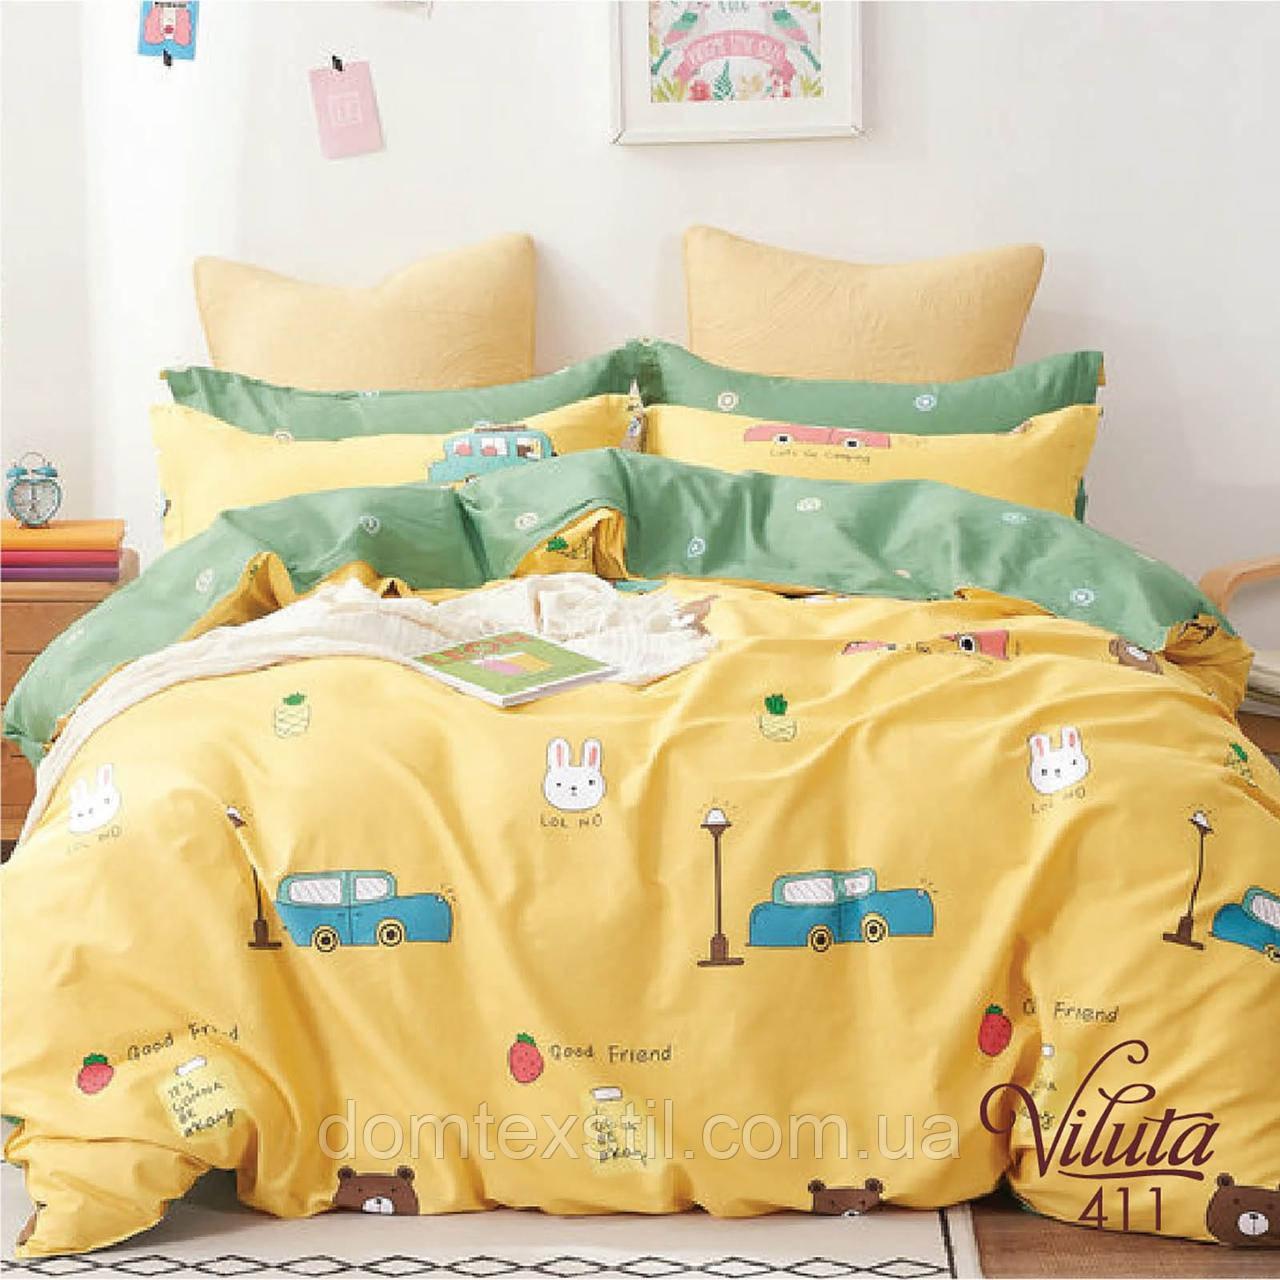 Постельное сатиновое белье в кроватку